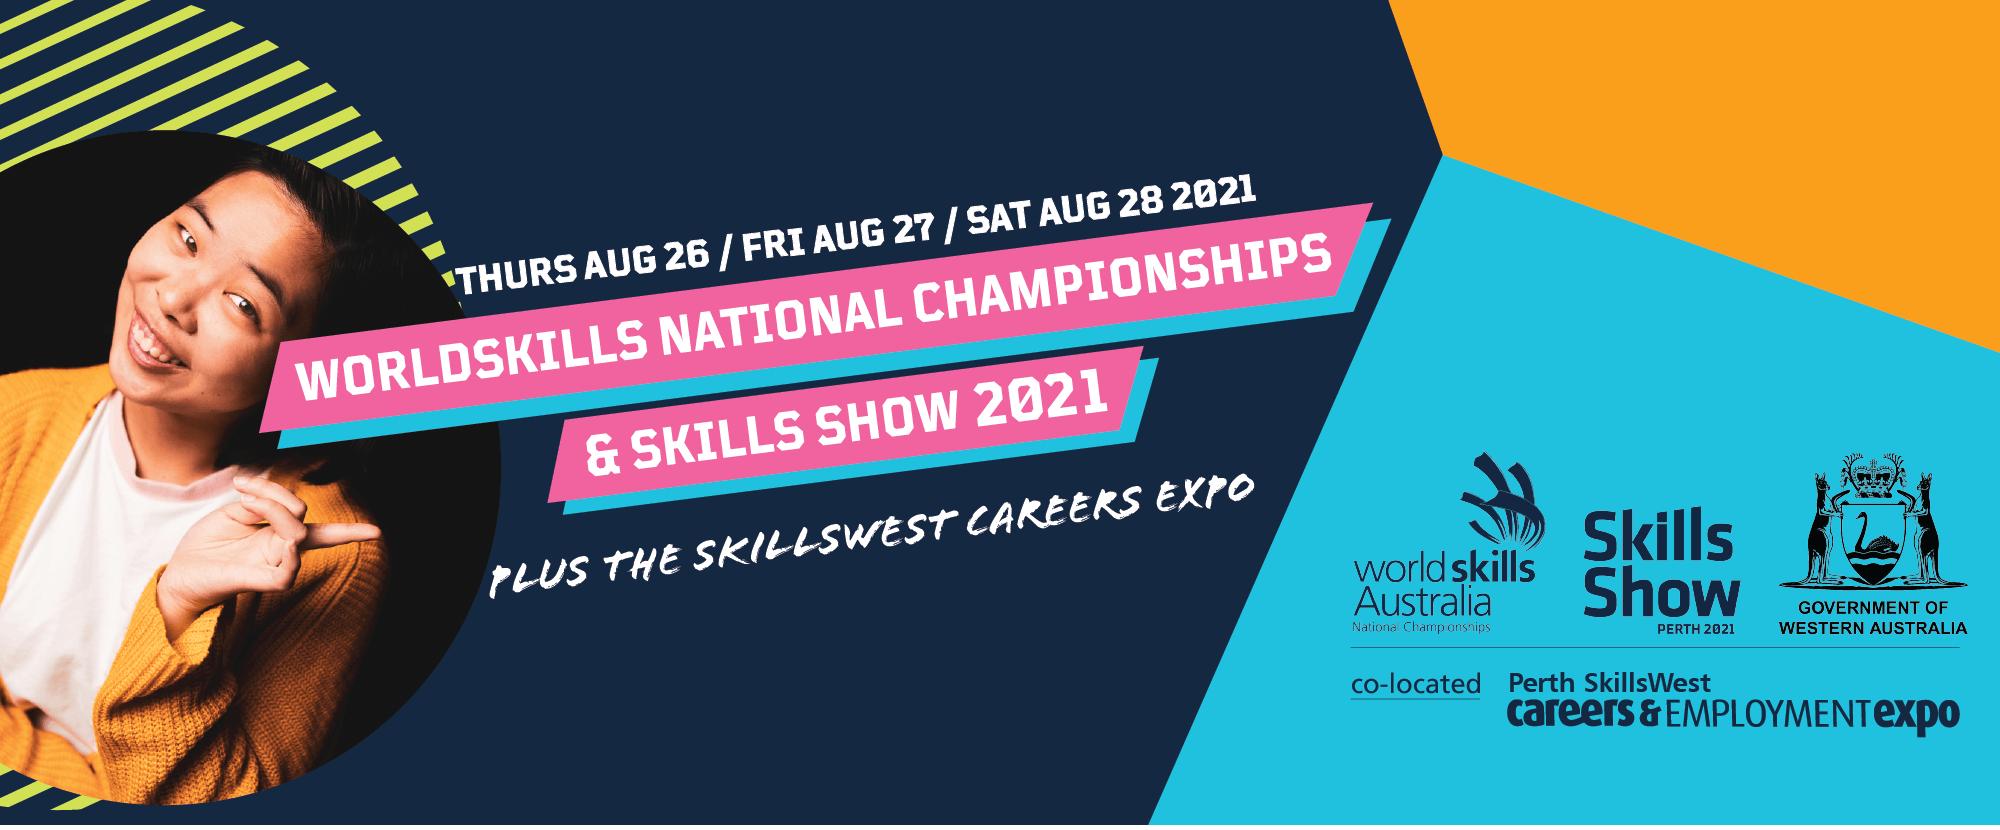 Worldskills Australia National Championships 2021